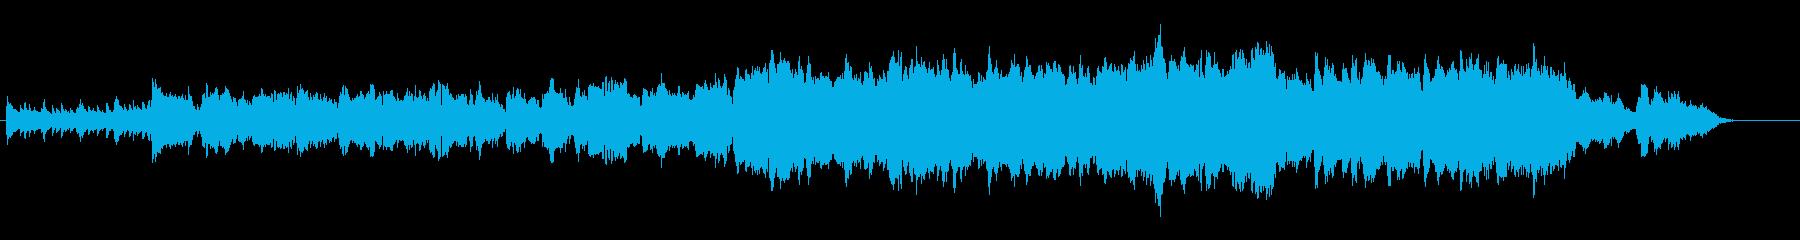 寂しくシリアスなドラマのマイナーBGMの再生済みの波形